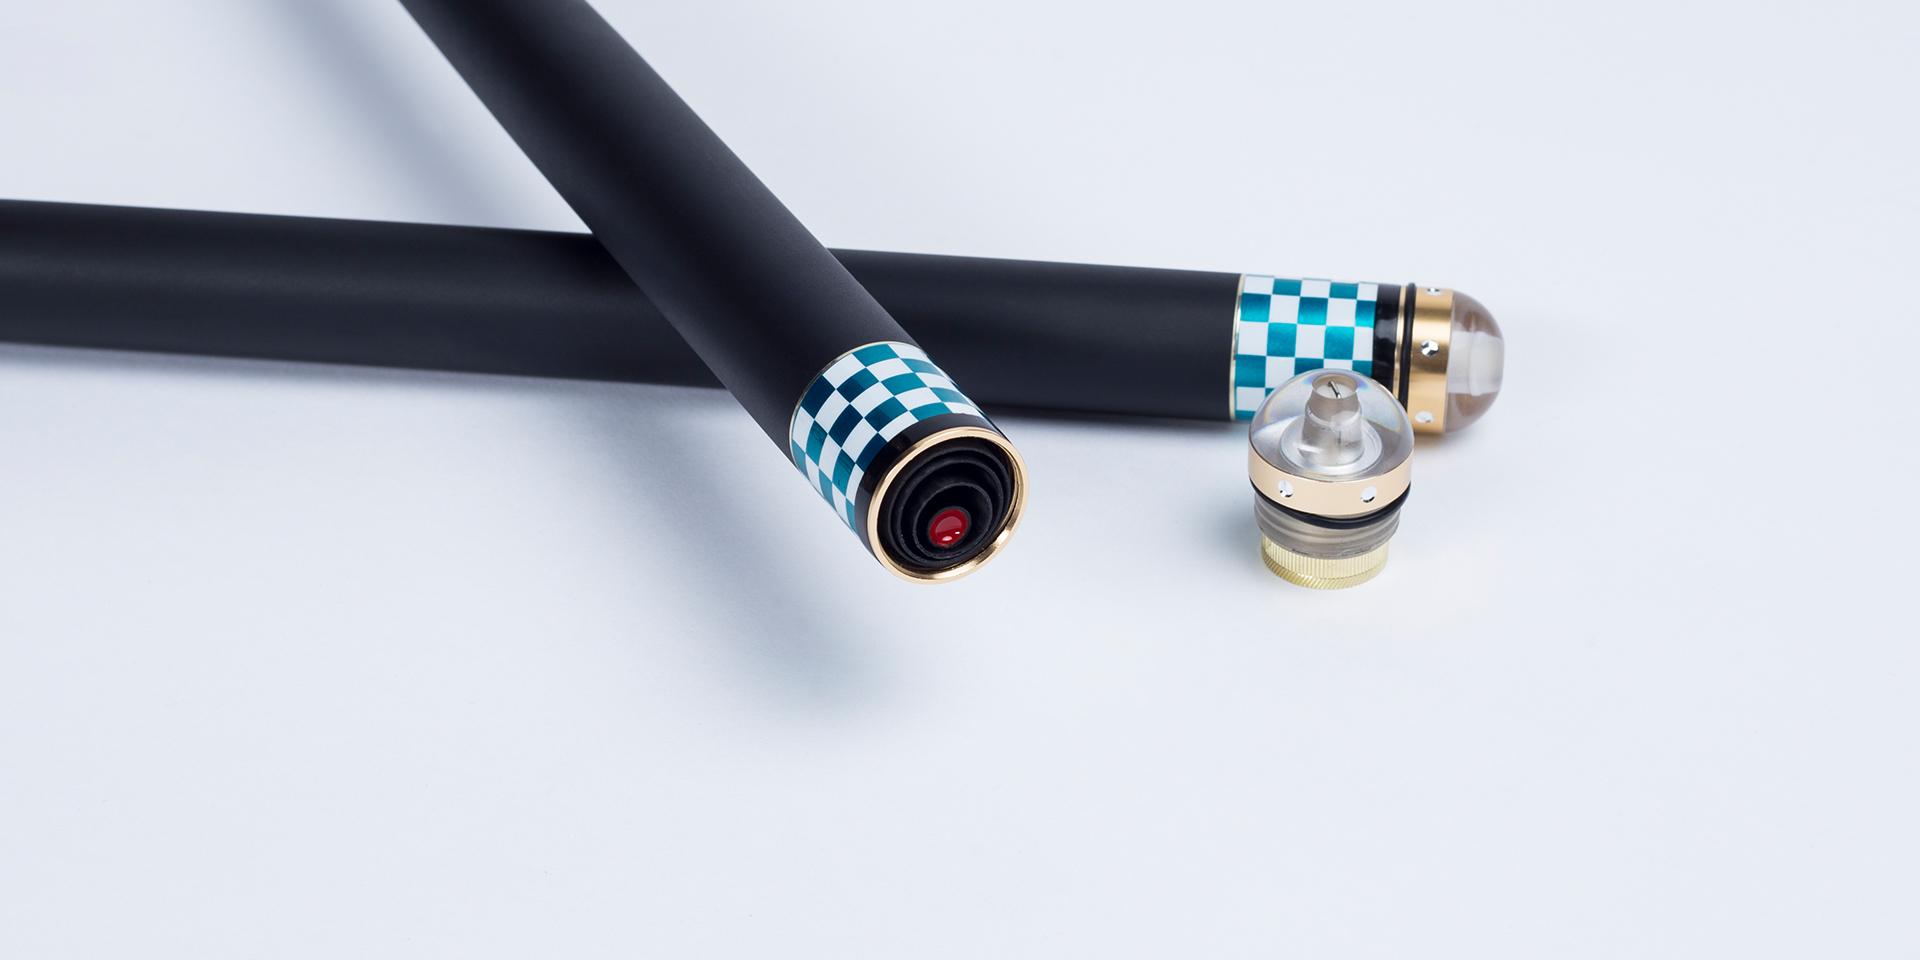 高压辊压复合融合技术简称(HR-C)可提升原素材的密度,达到增强硬度、强度和韧性的要求